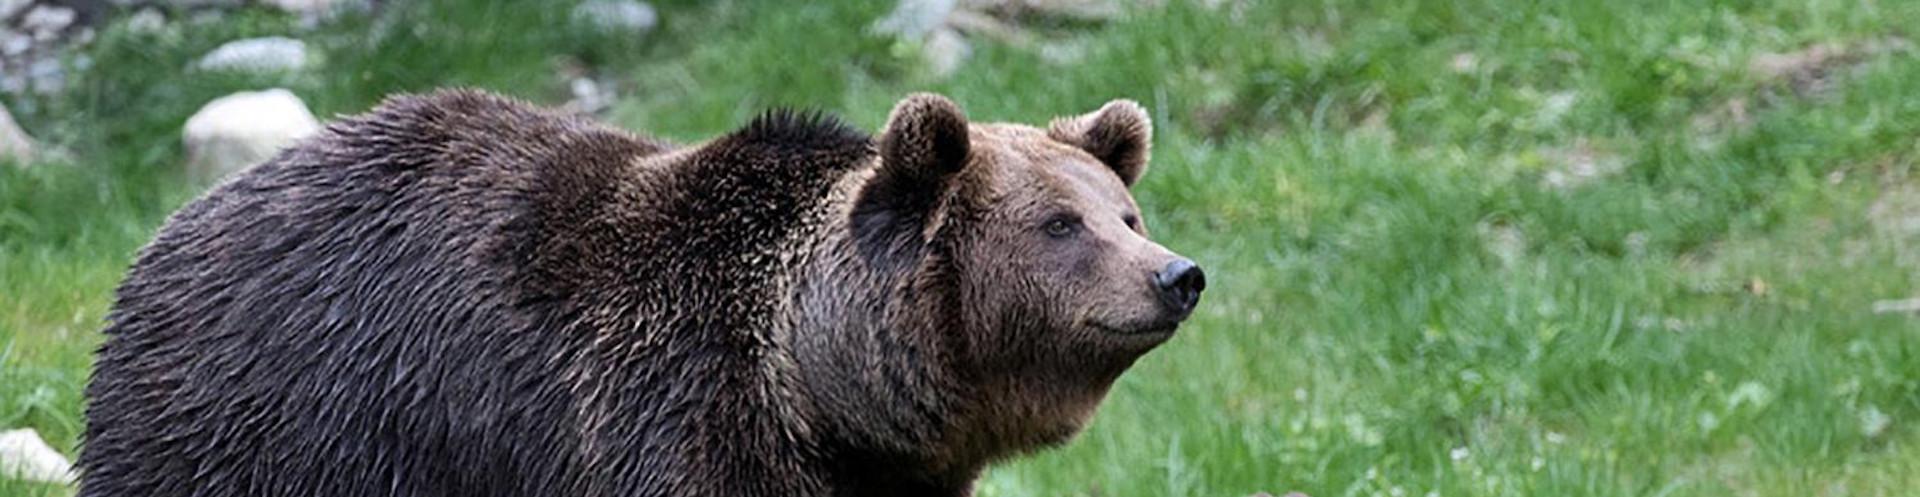 Quel avenir pour l'Ours brun pyrénéen ?